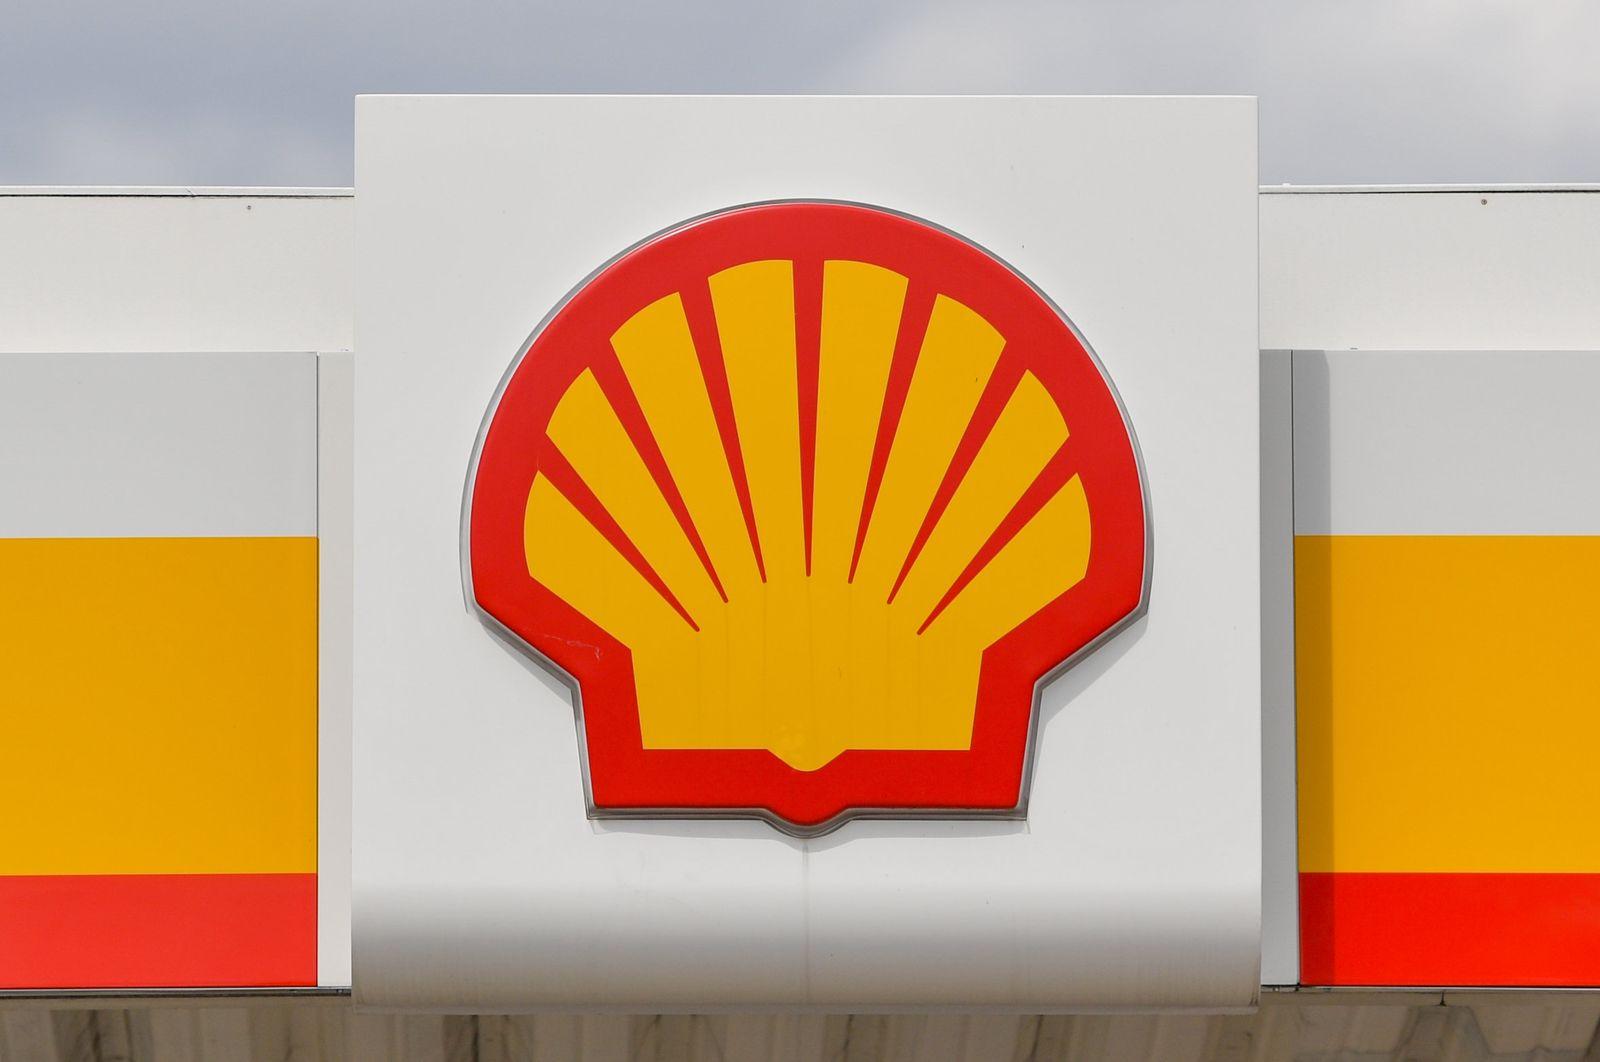 Shell muss CO2-Emissionen reduzieren